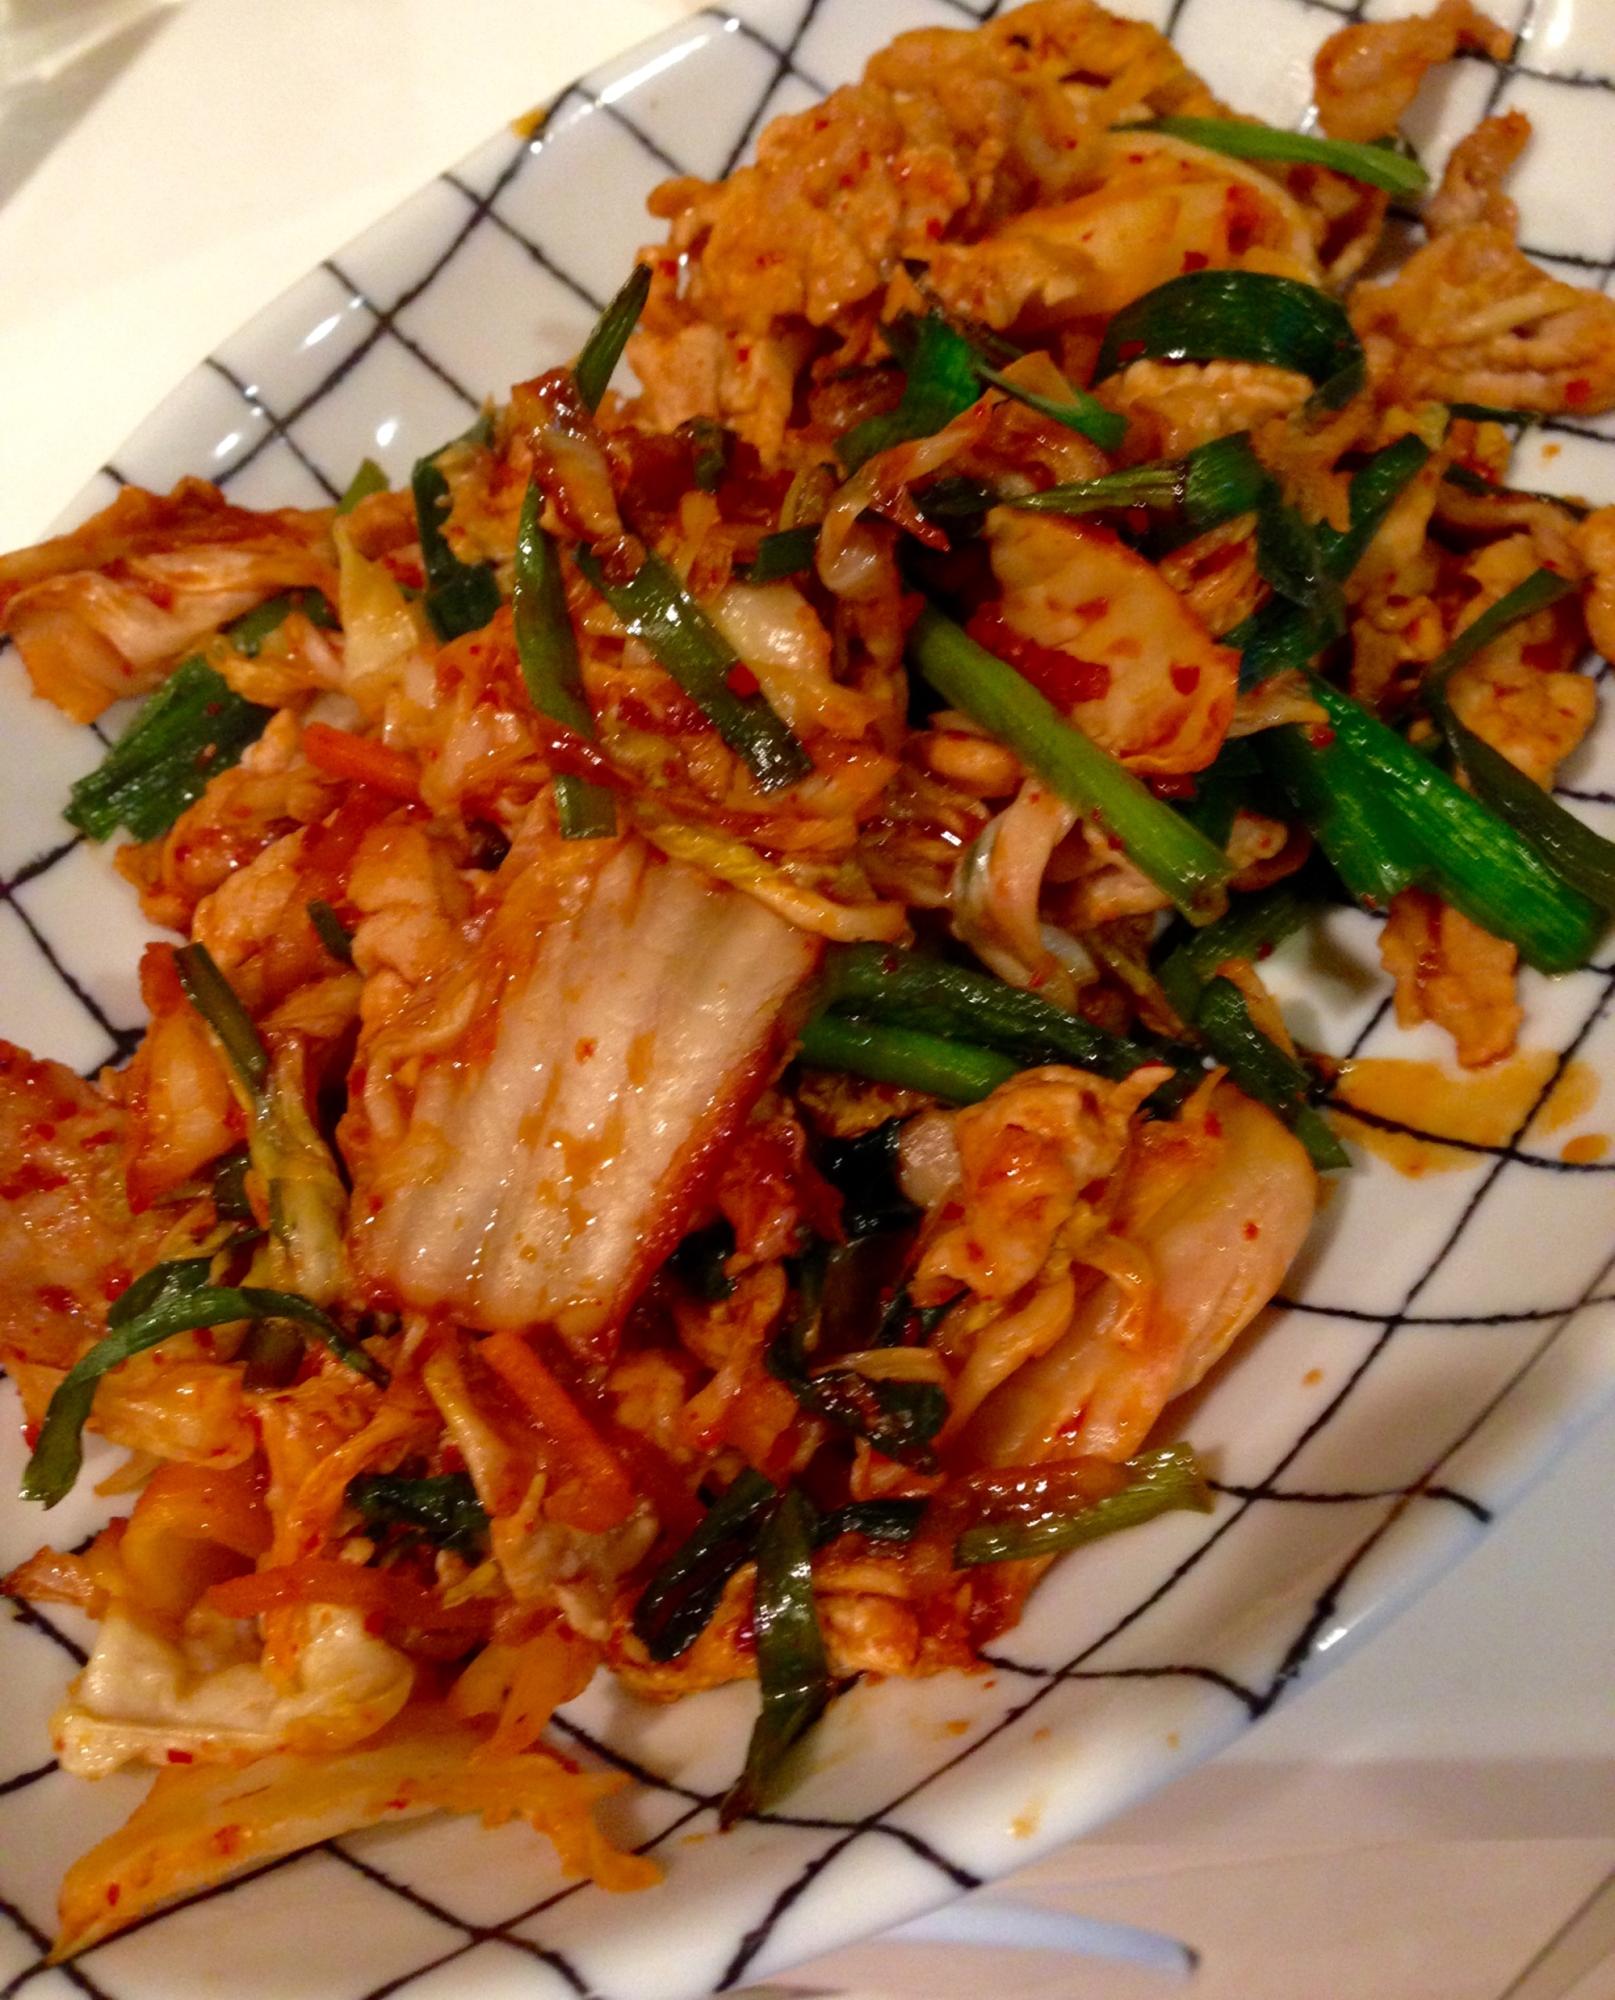 ニラとキャベツ入りの豚キムチ レシピ・作り方